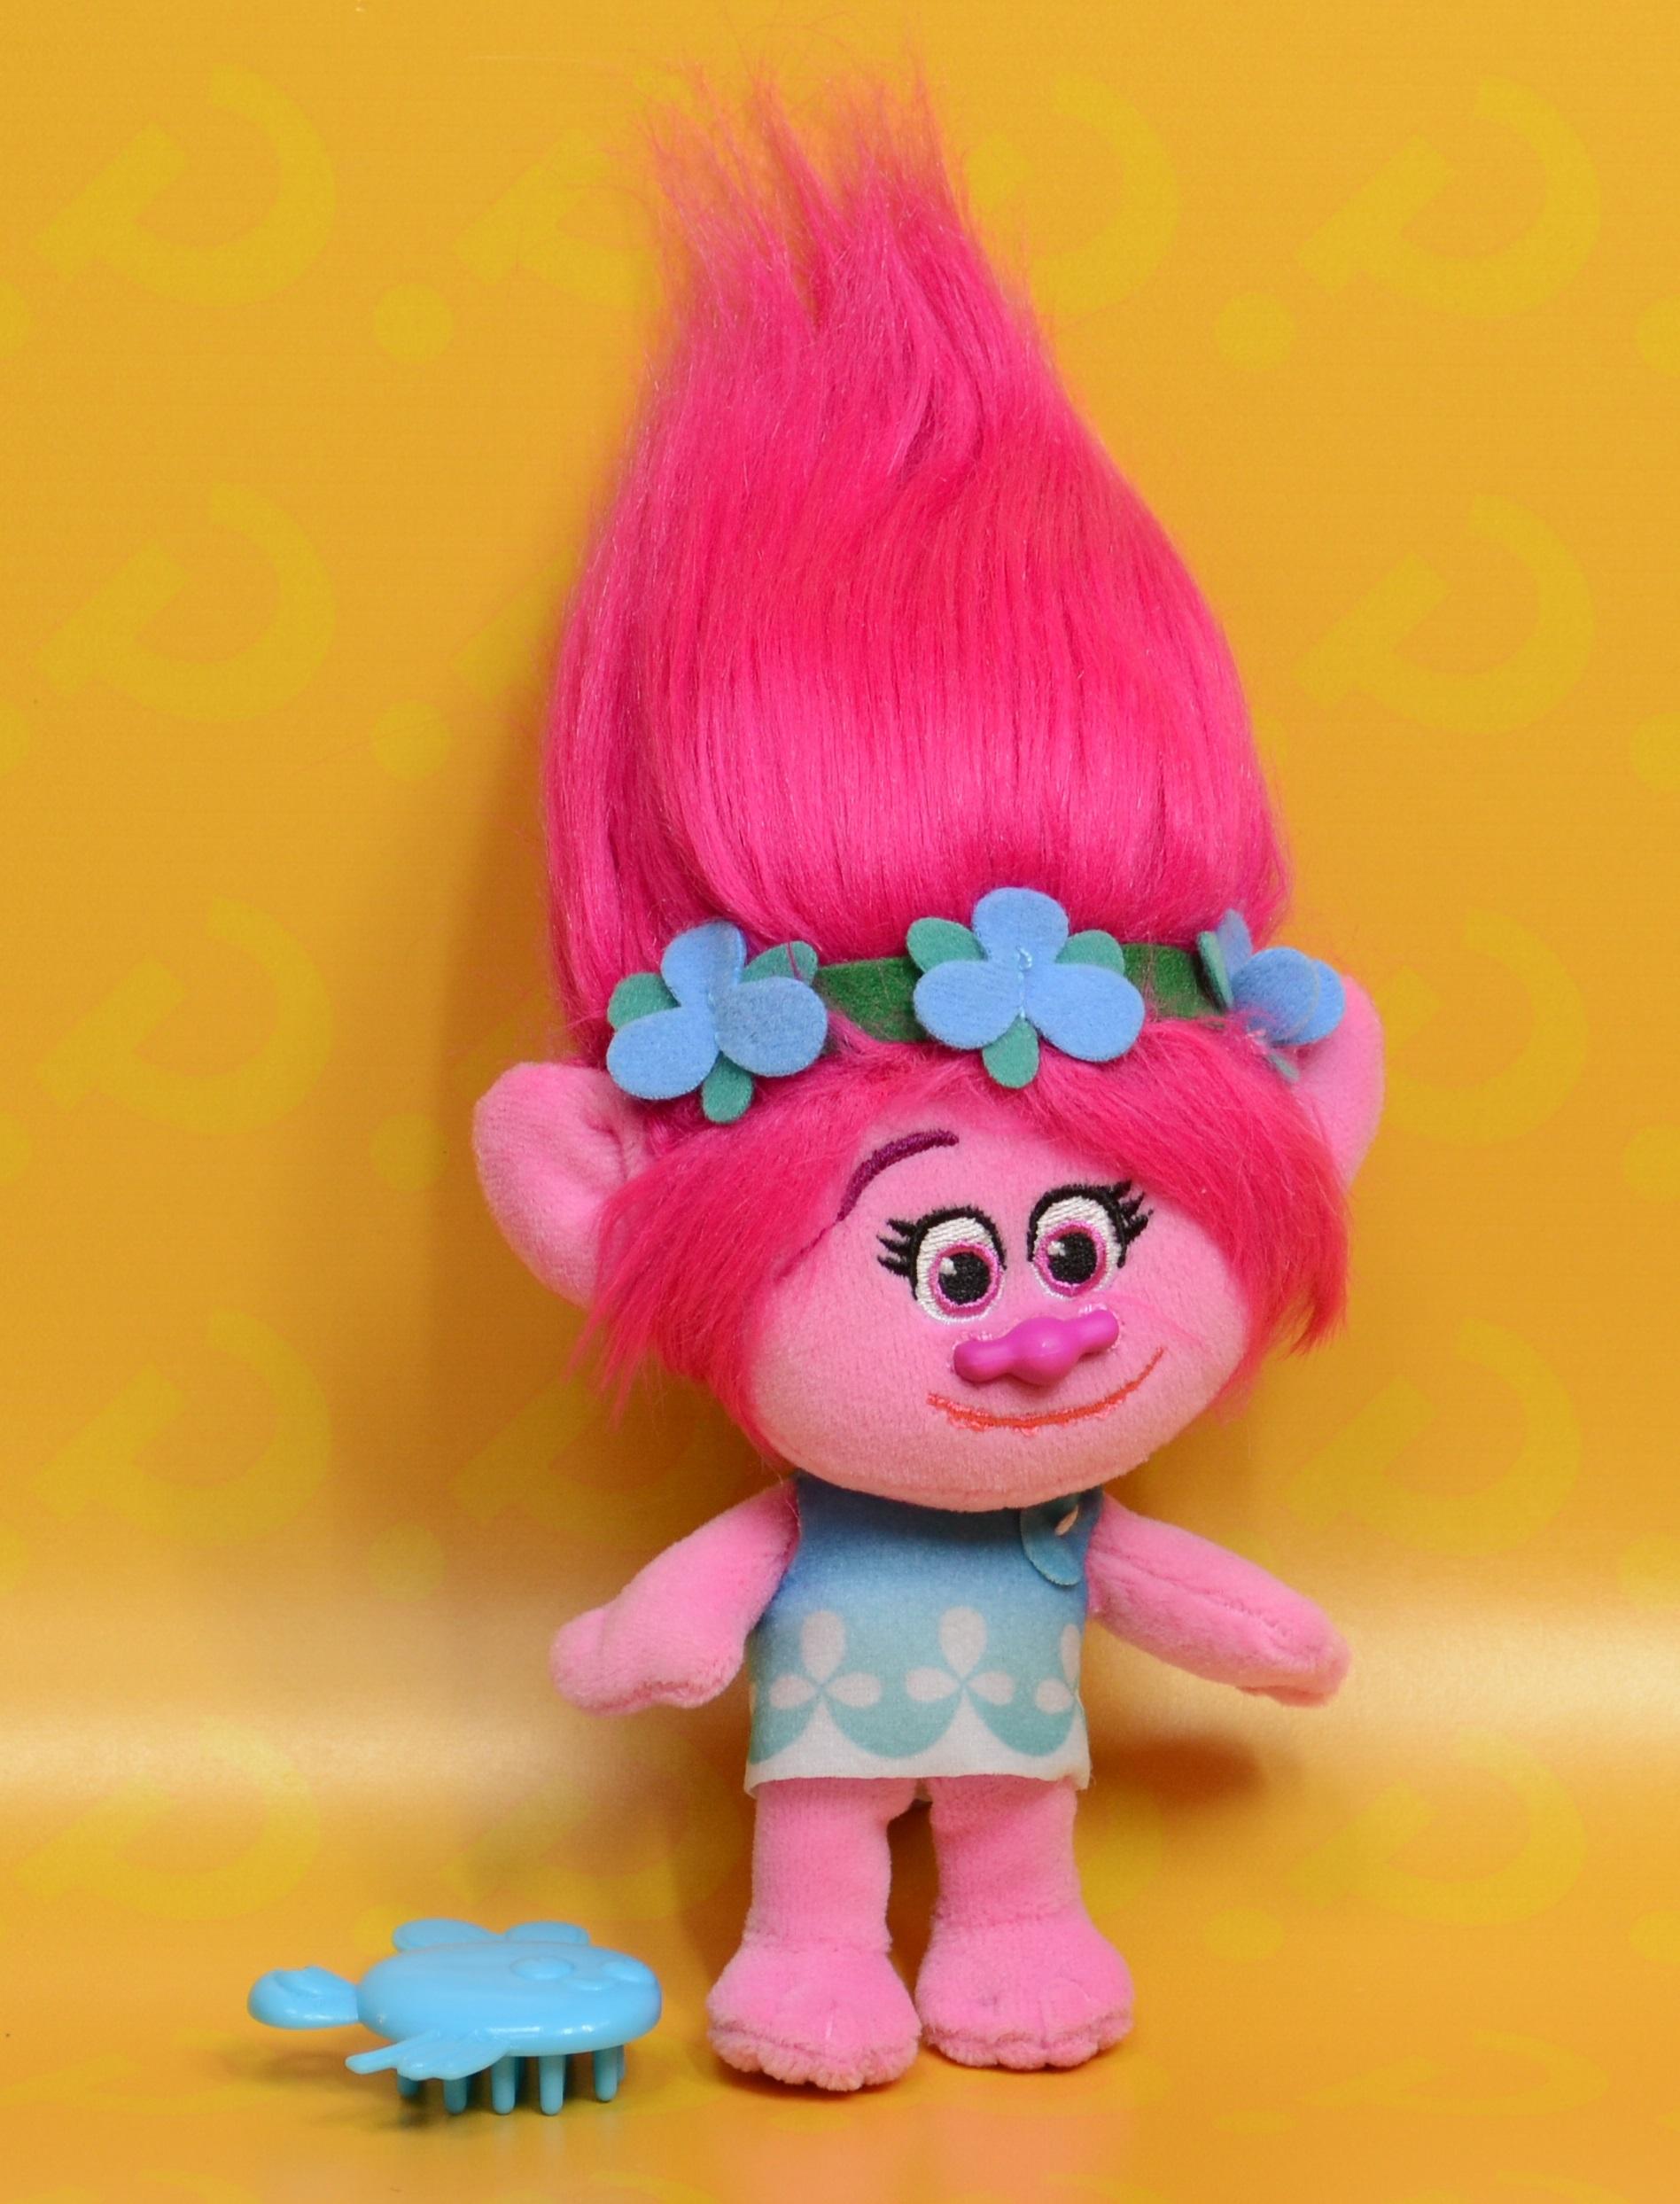 Мягкая игрушка Trolls. Тролль Розочка (Poppy)Представляем вашему вниманию мягкую игрушку Trolls. Тролль Розочка, созданную по мотивам анимационного фильма производства DreamWorks Animation.<br>